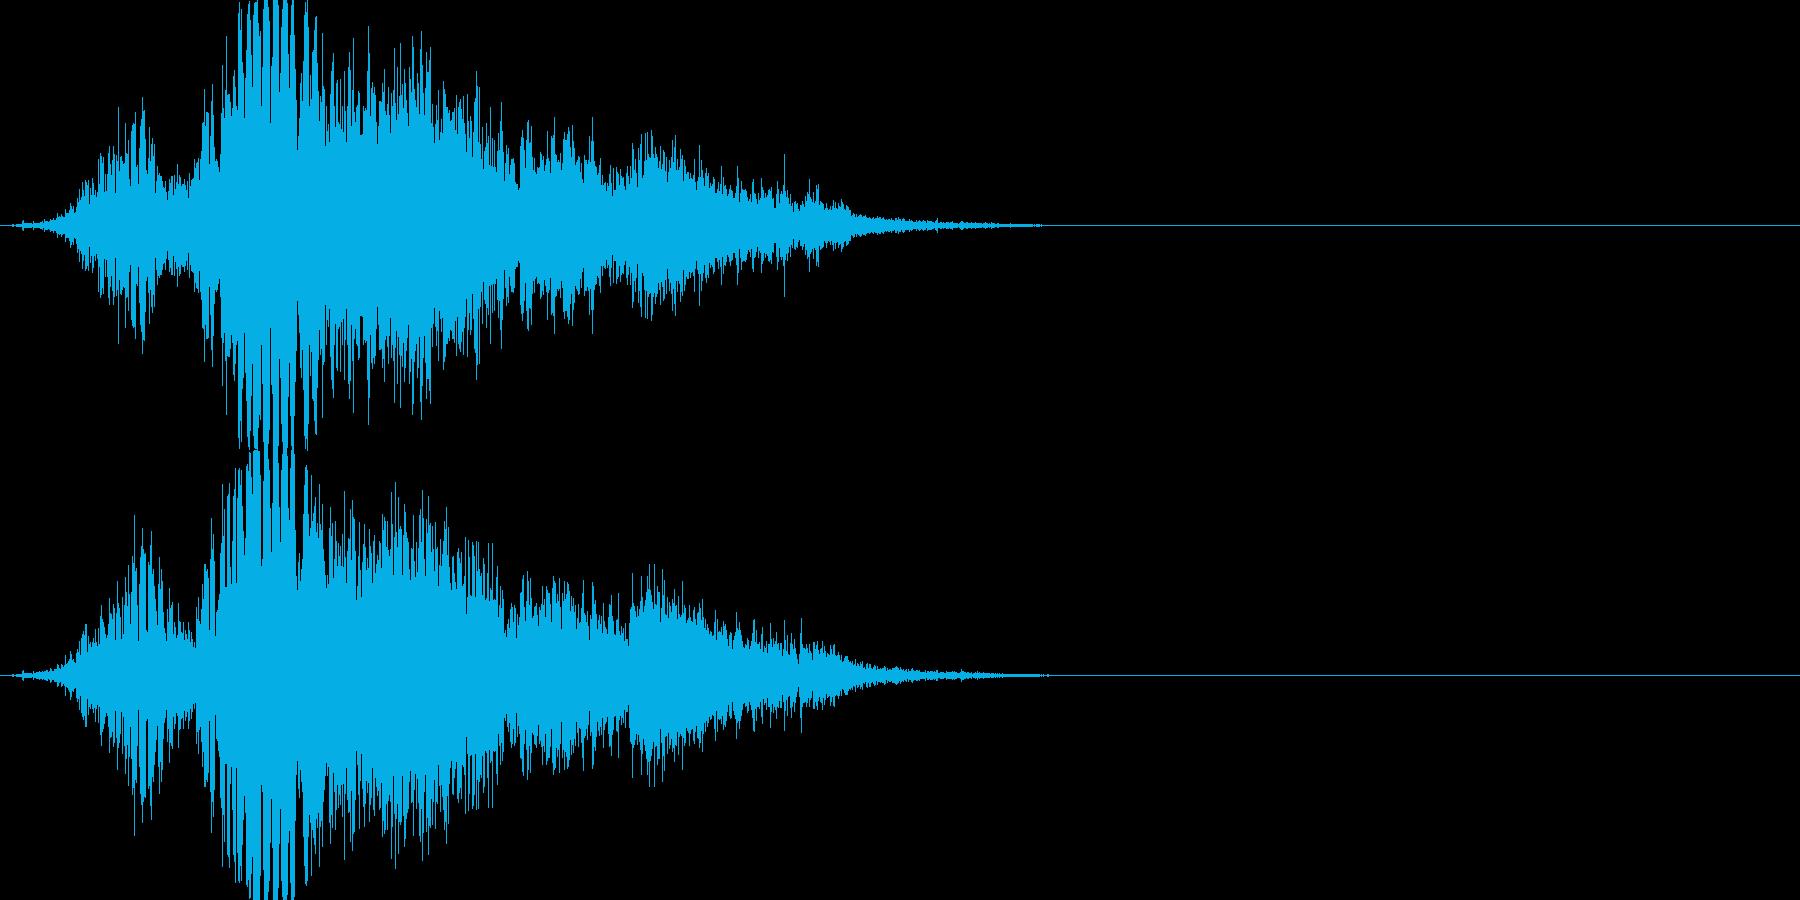 斬撃音(刀や剣で斬る/刺す効果音)15の再生済みの波形